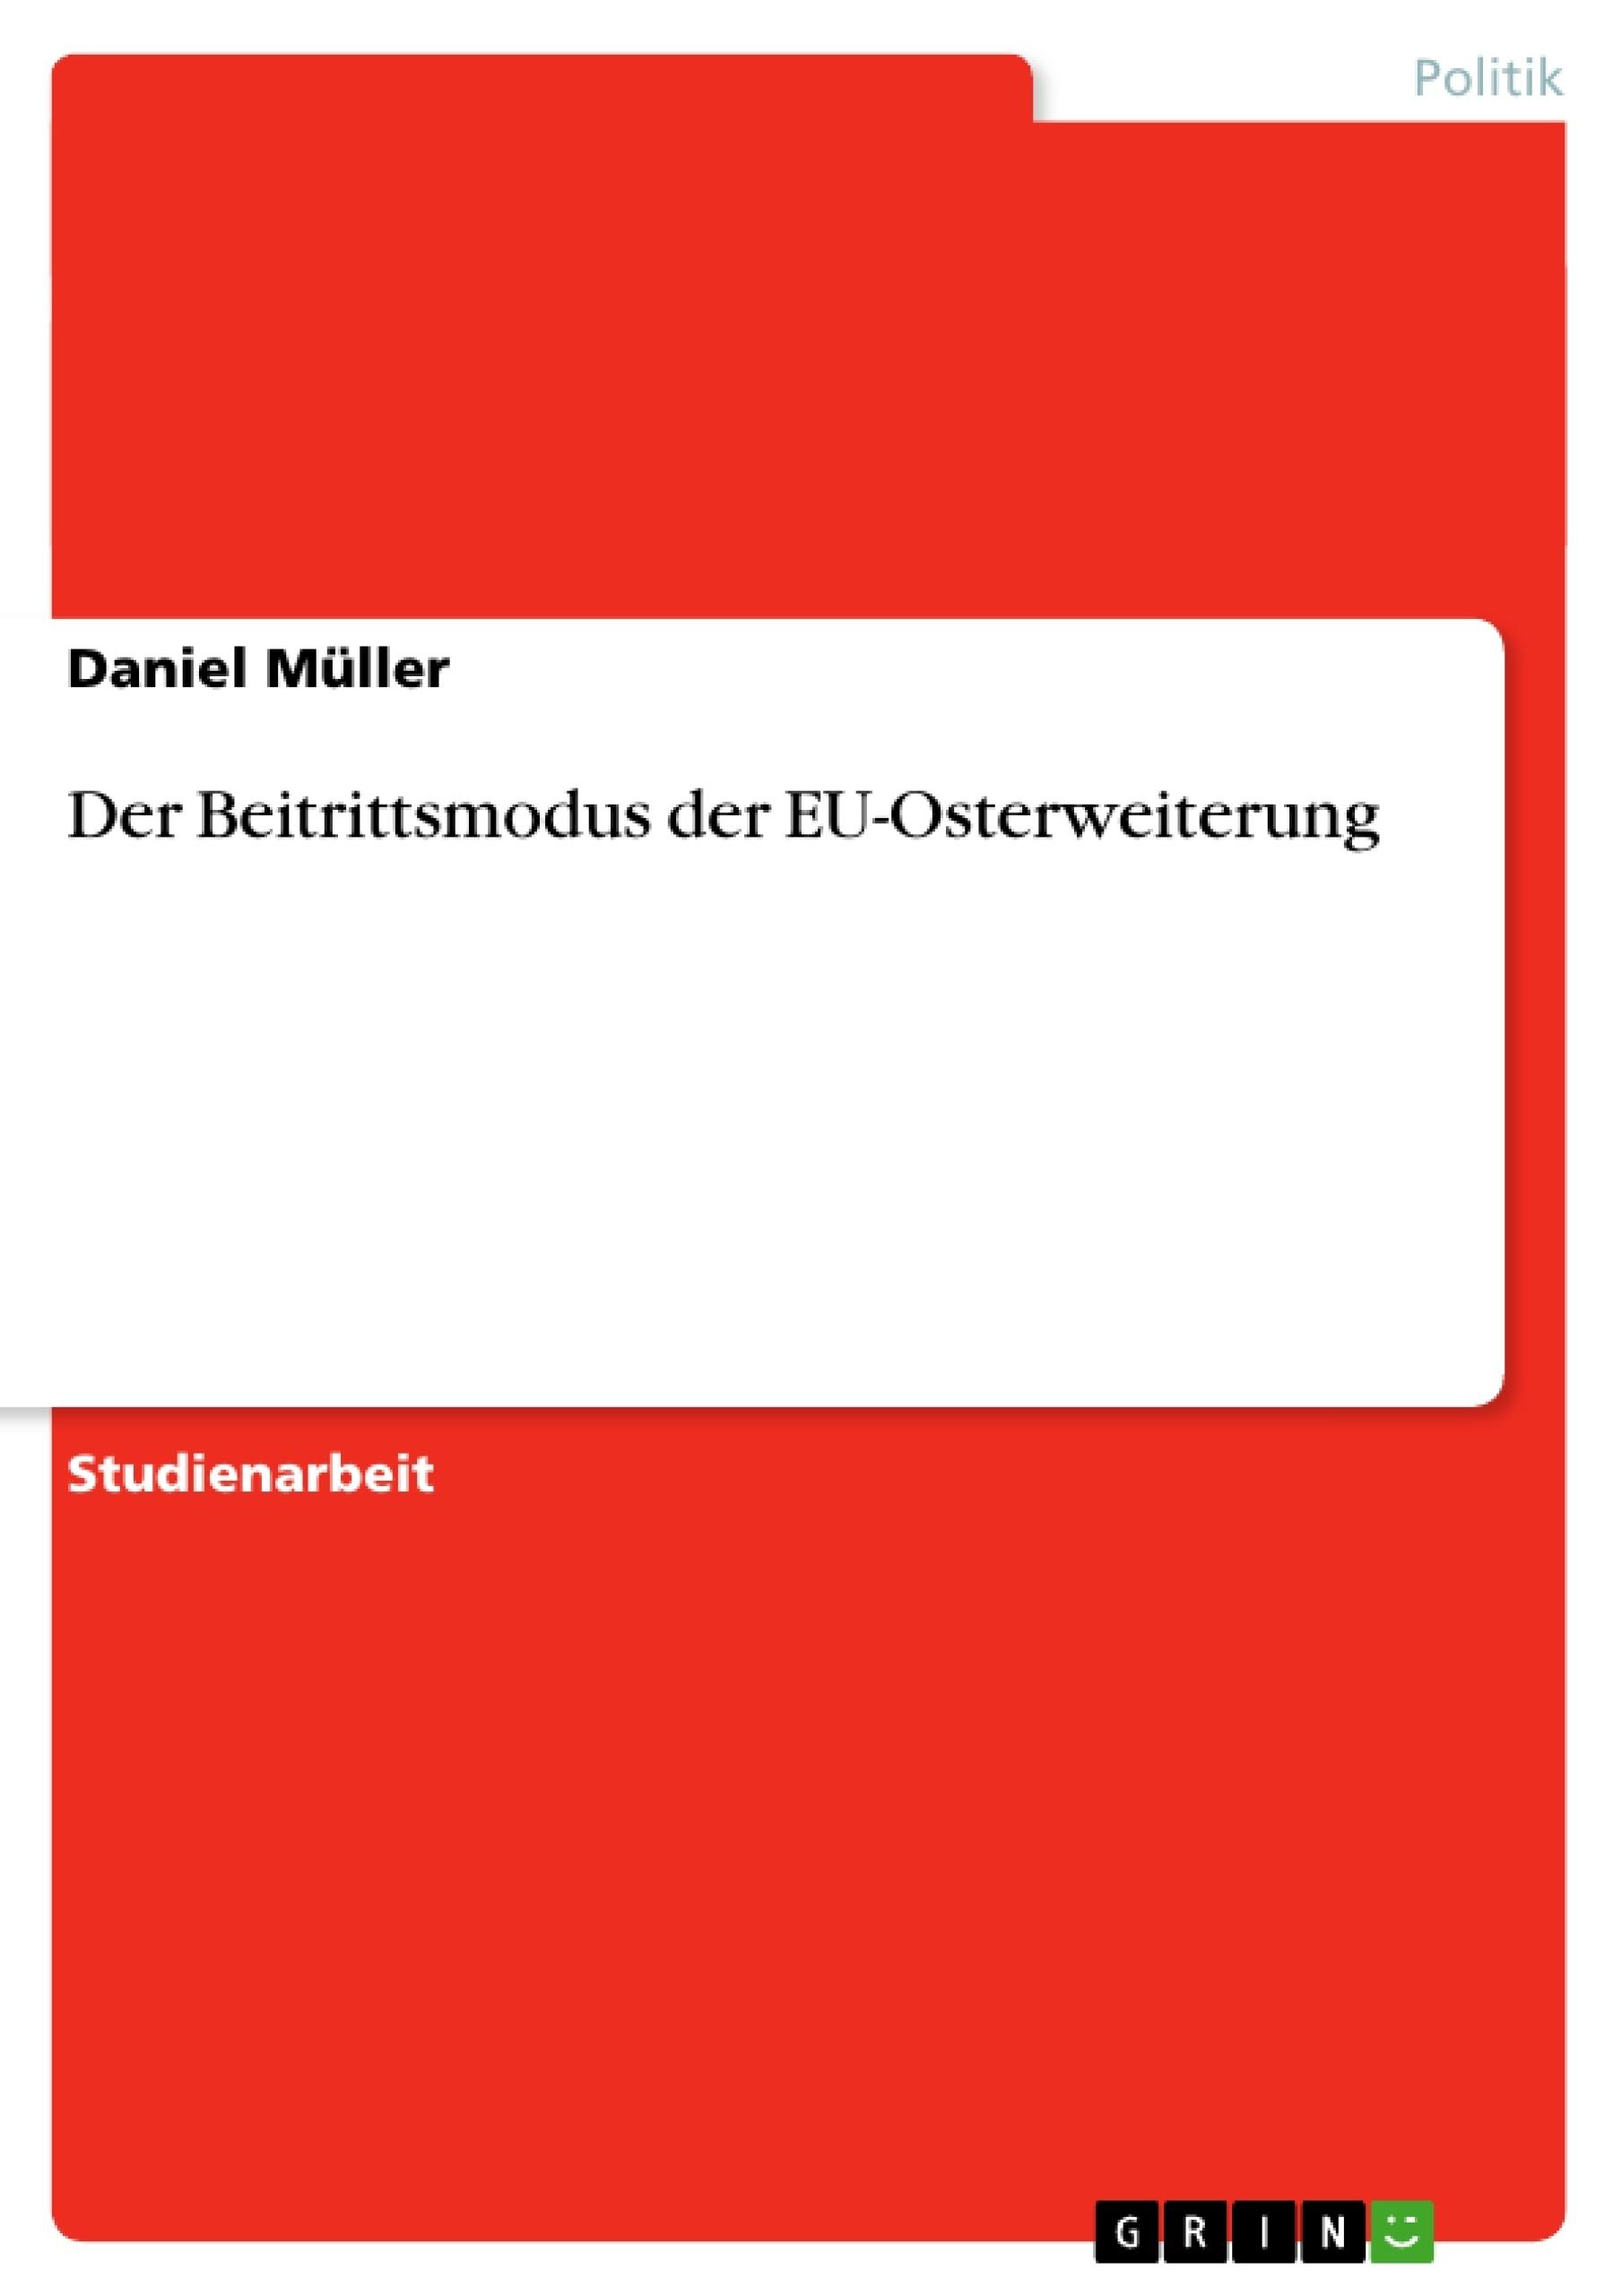 Titel: Der Beitrittsmodus der EU-Osterweiterung